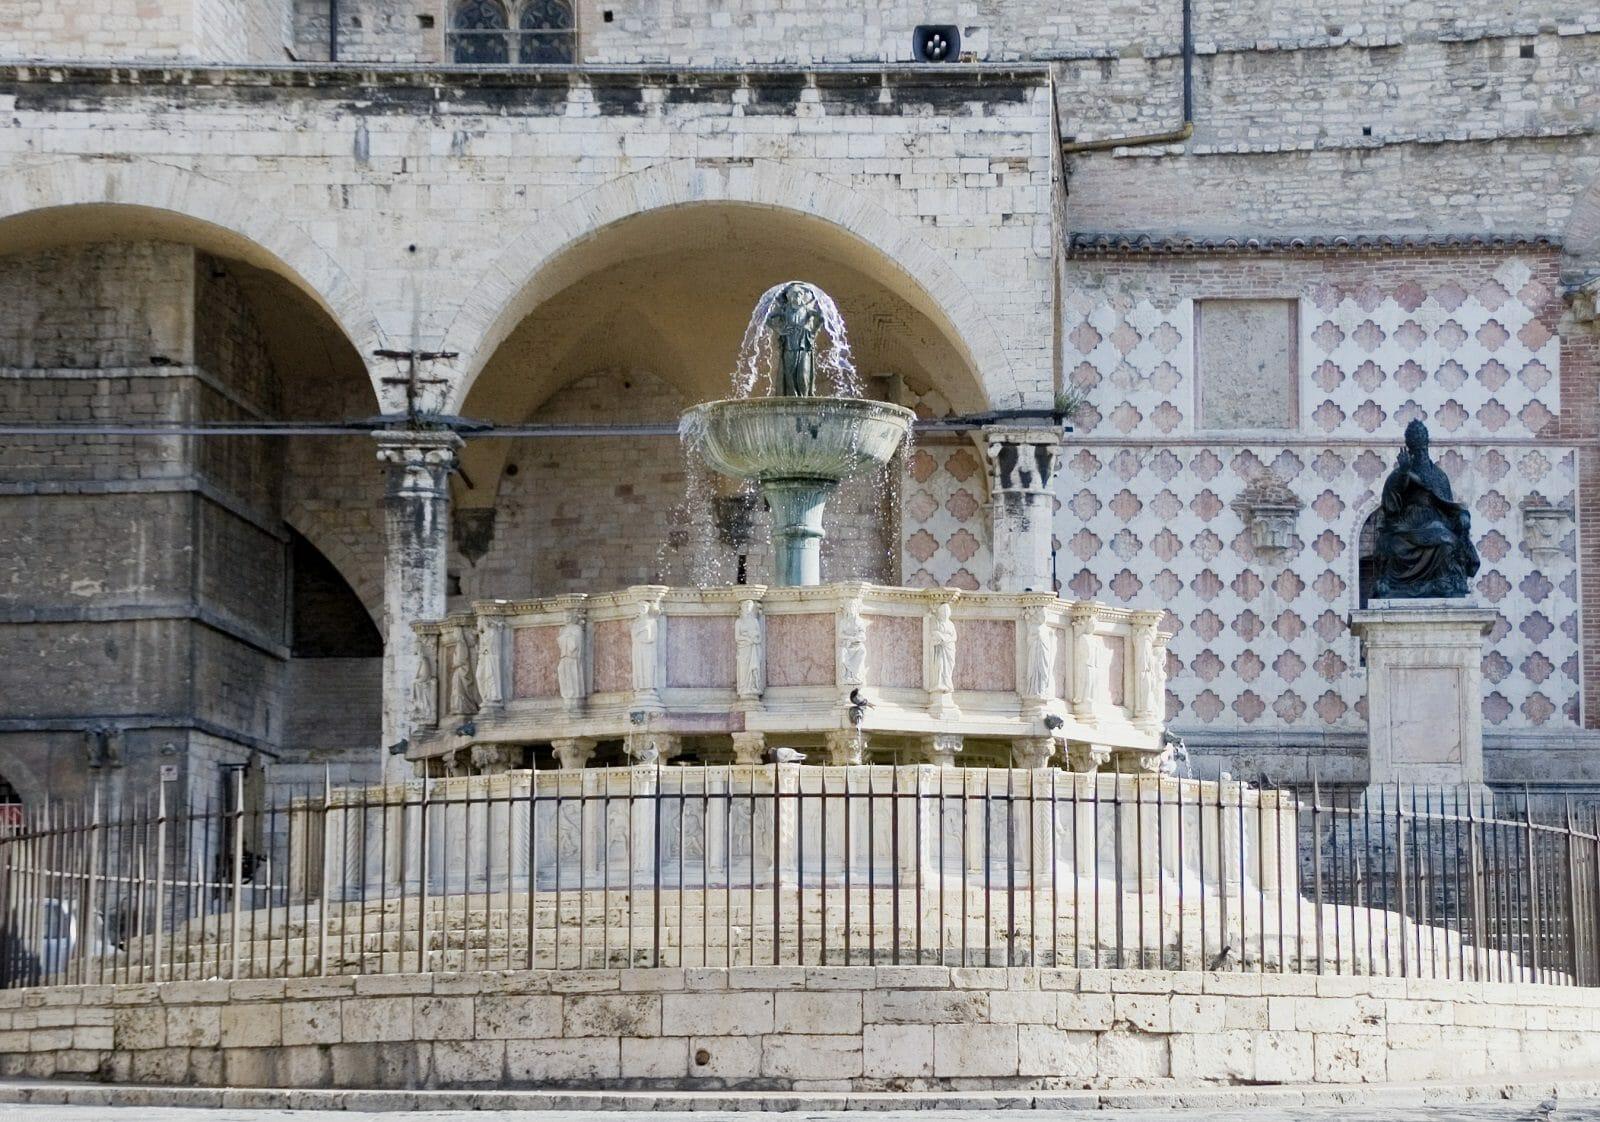 The Major fountain (Fontana Maggiore) in Perugia, Italy